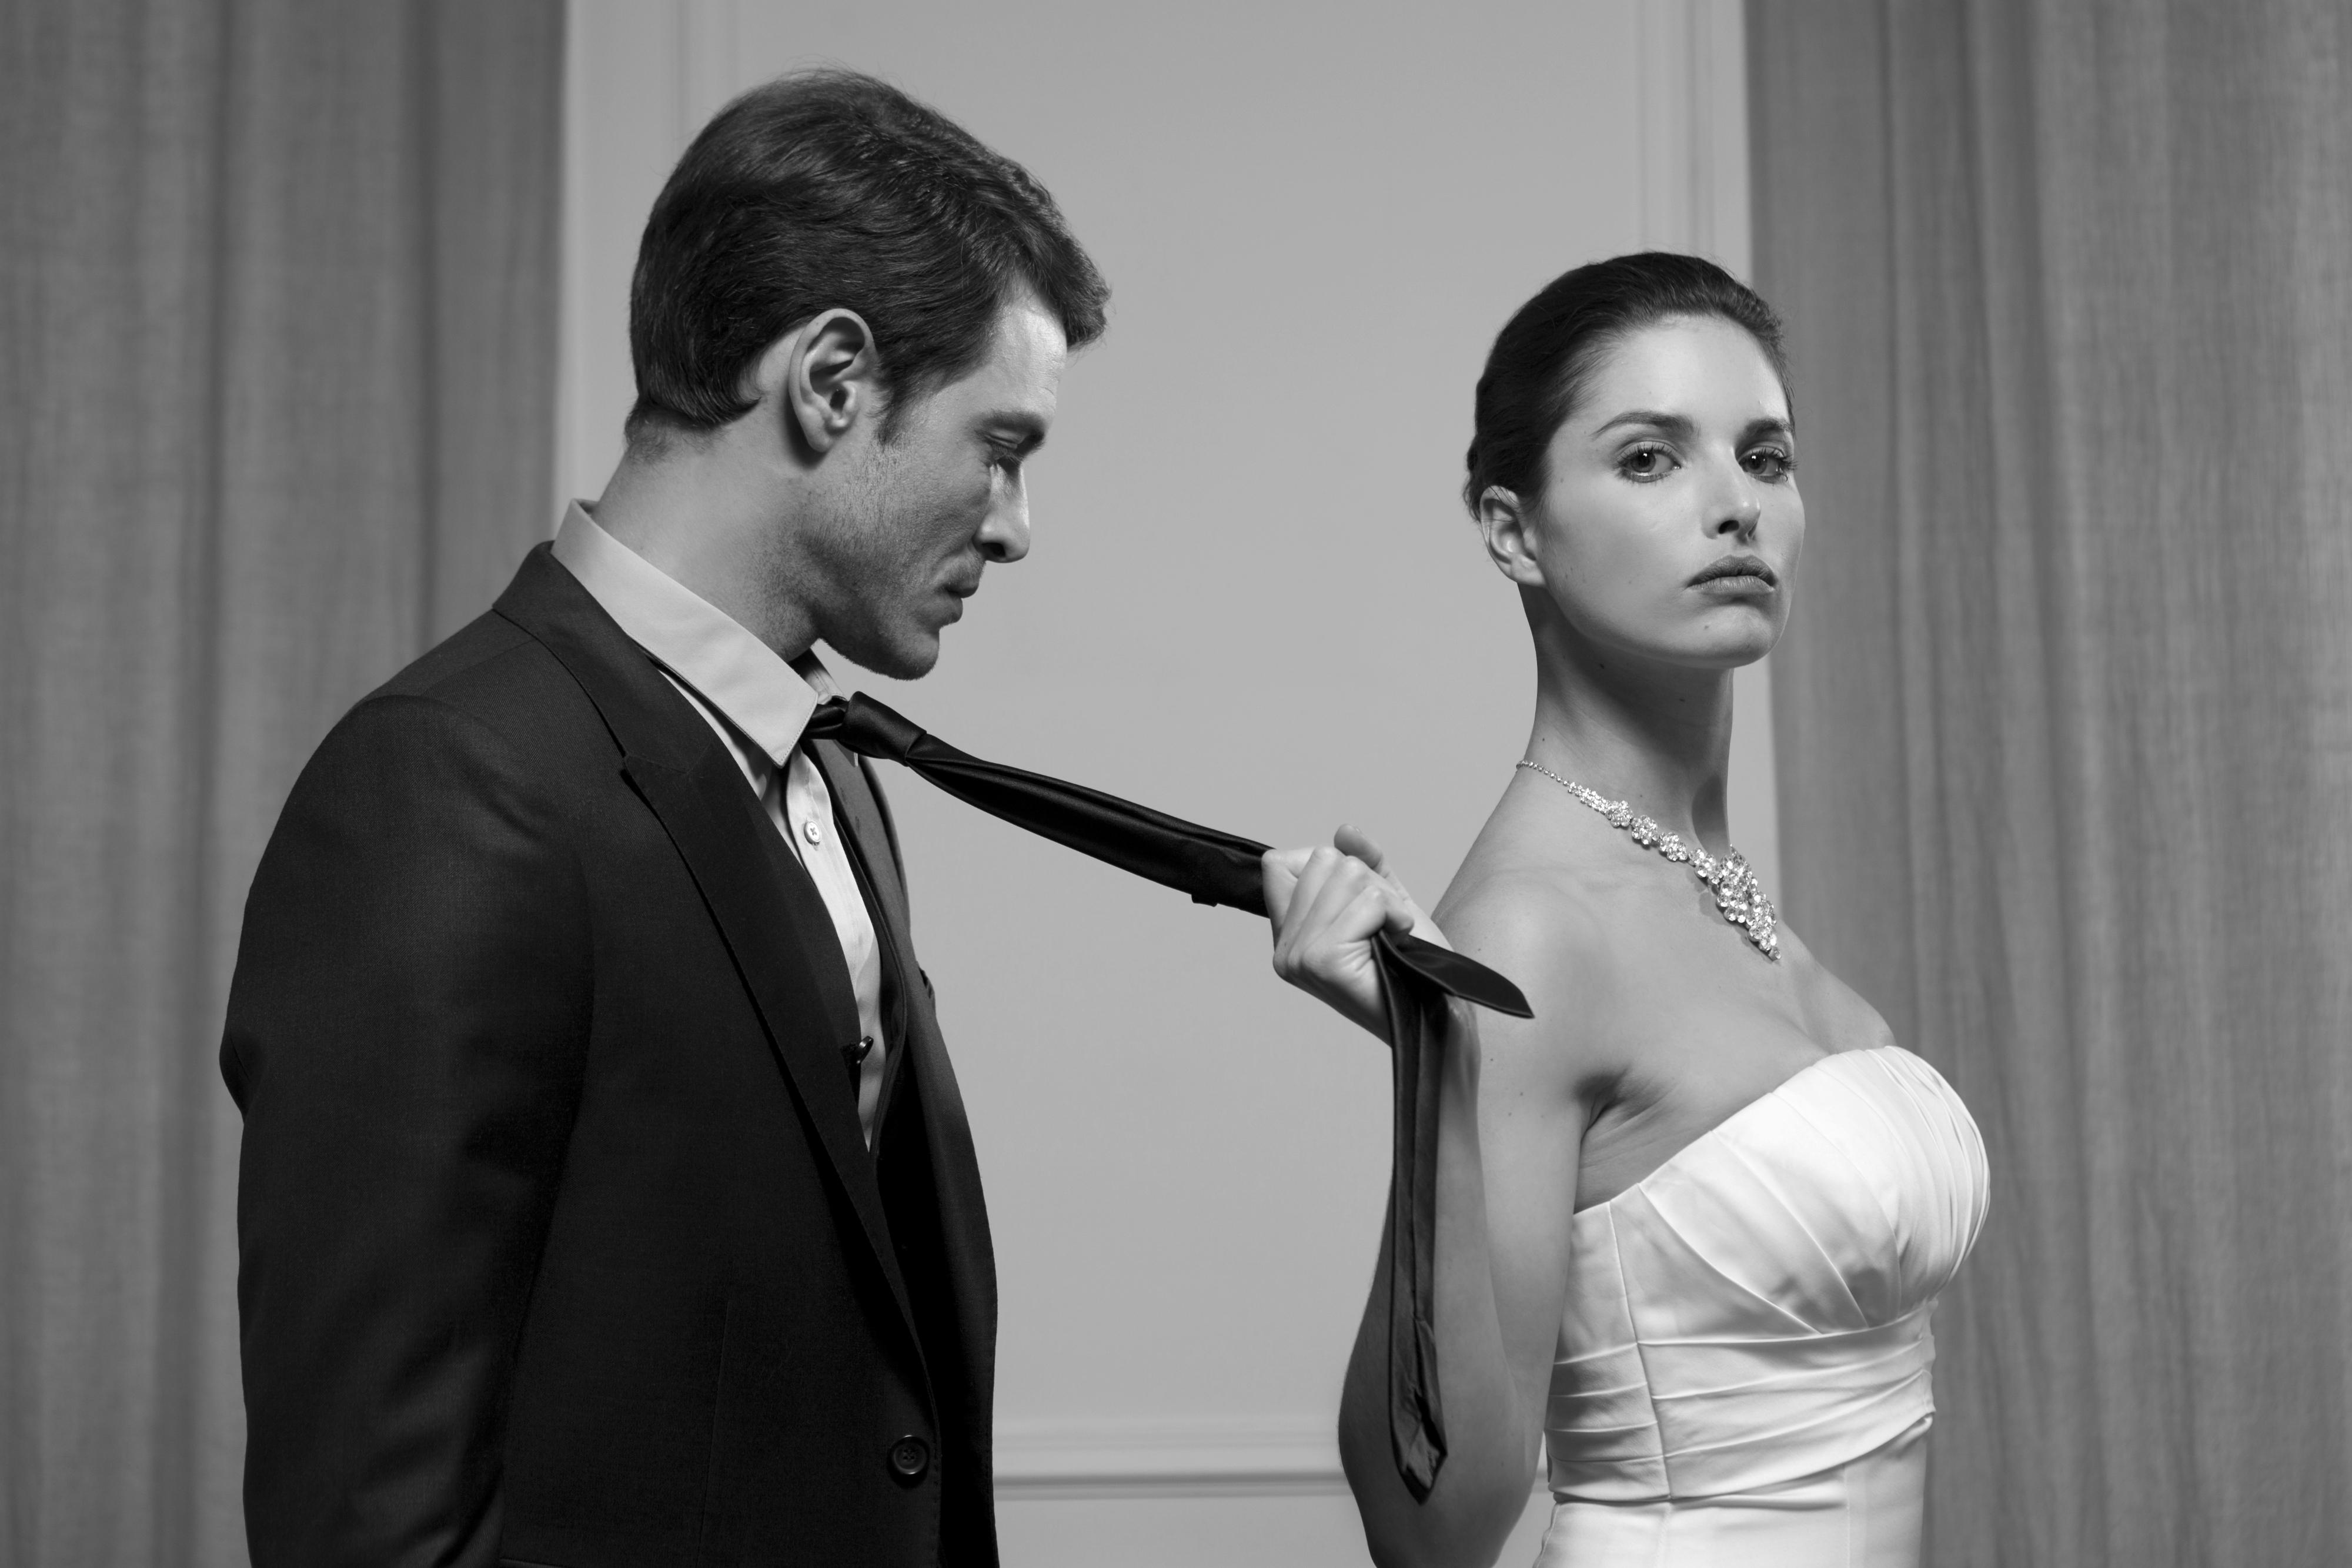 Брак на фотографии изображение троится частности, монитору